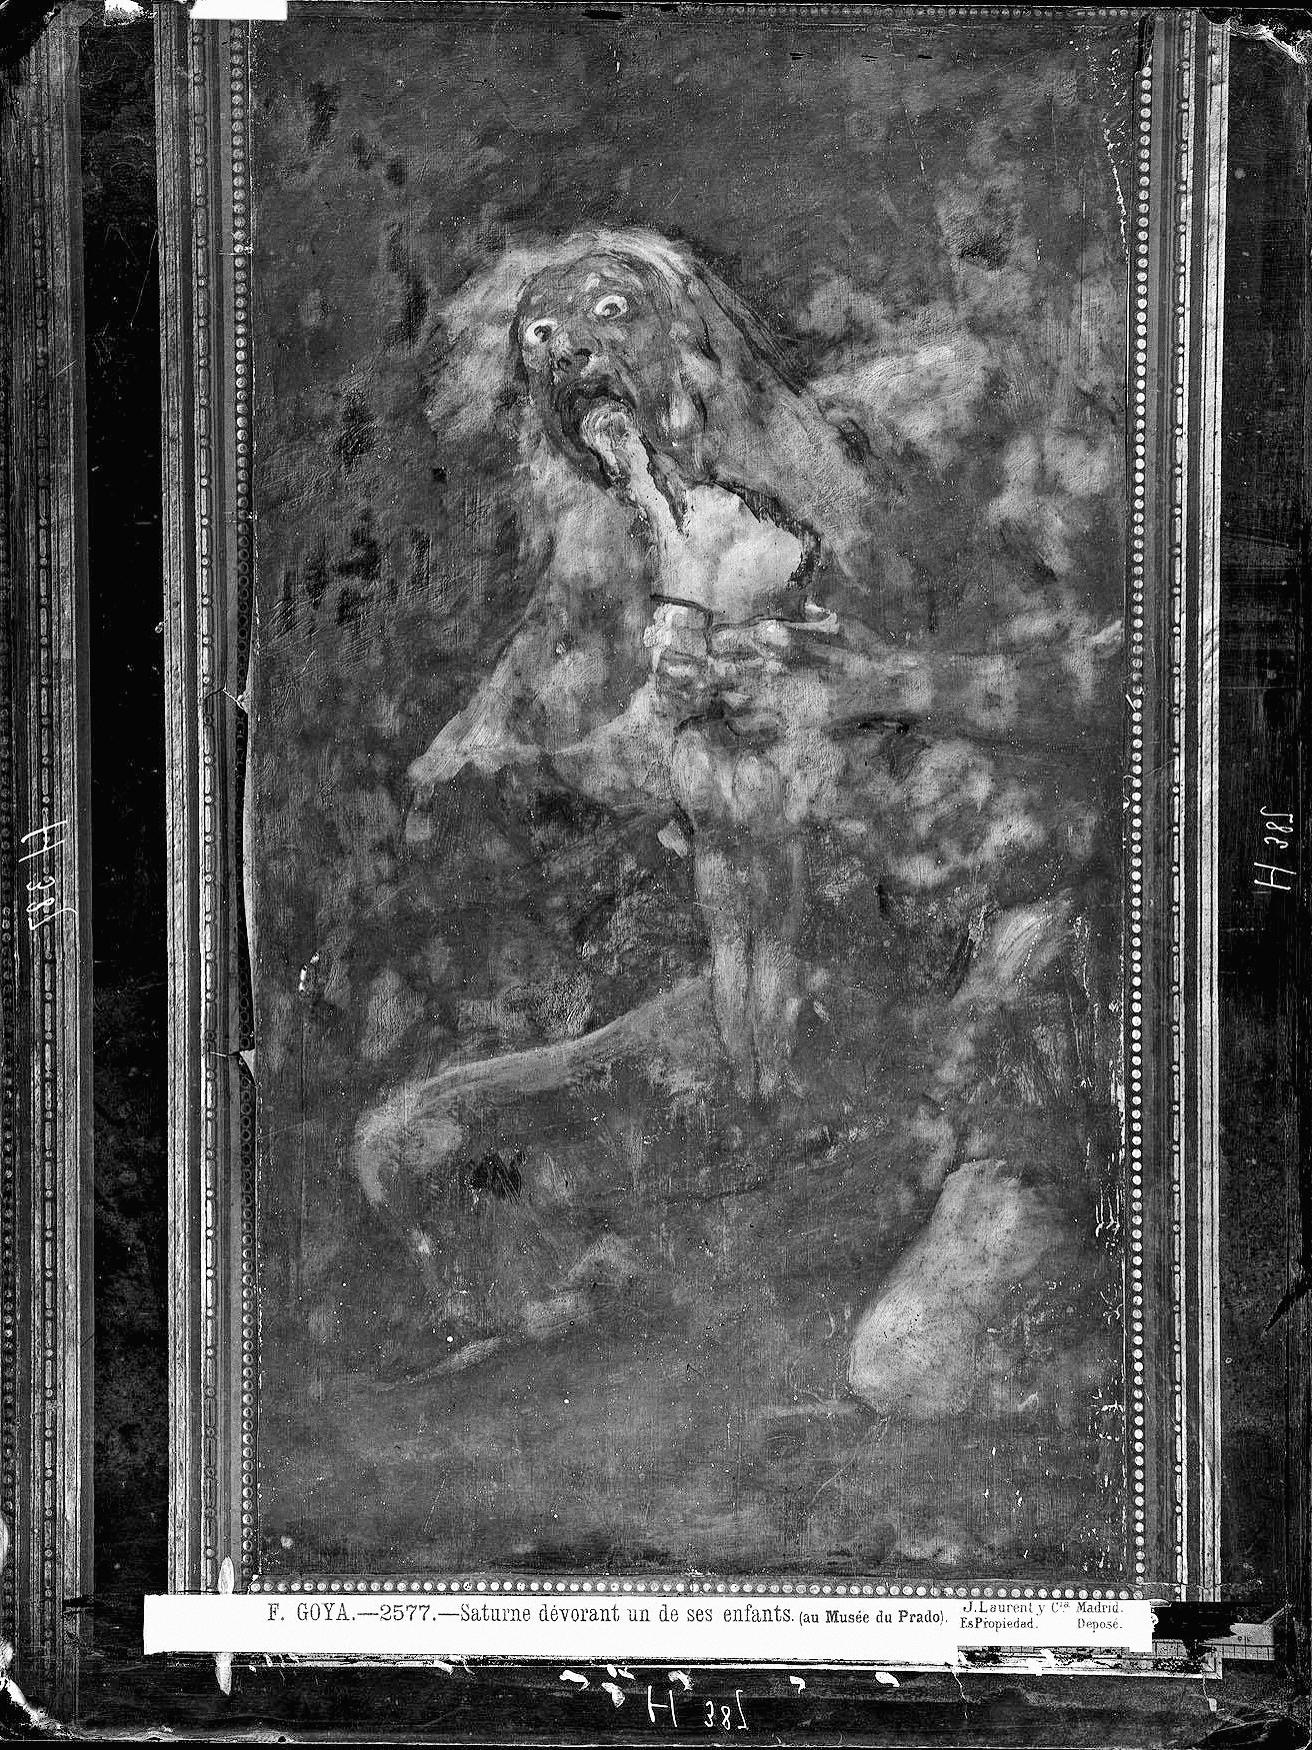 Fotografía de Jean Laurent, Saturno en la Quinta, 1874